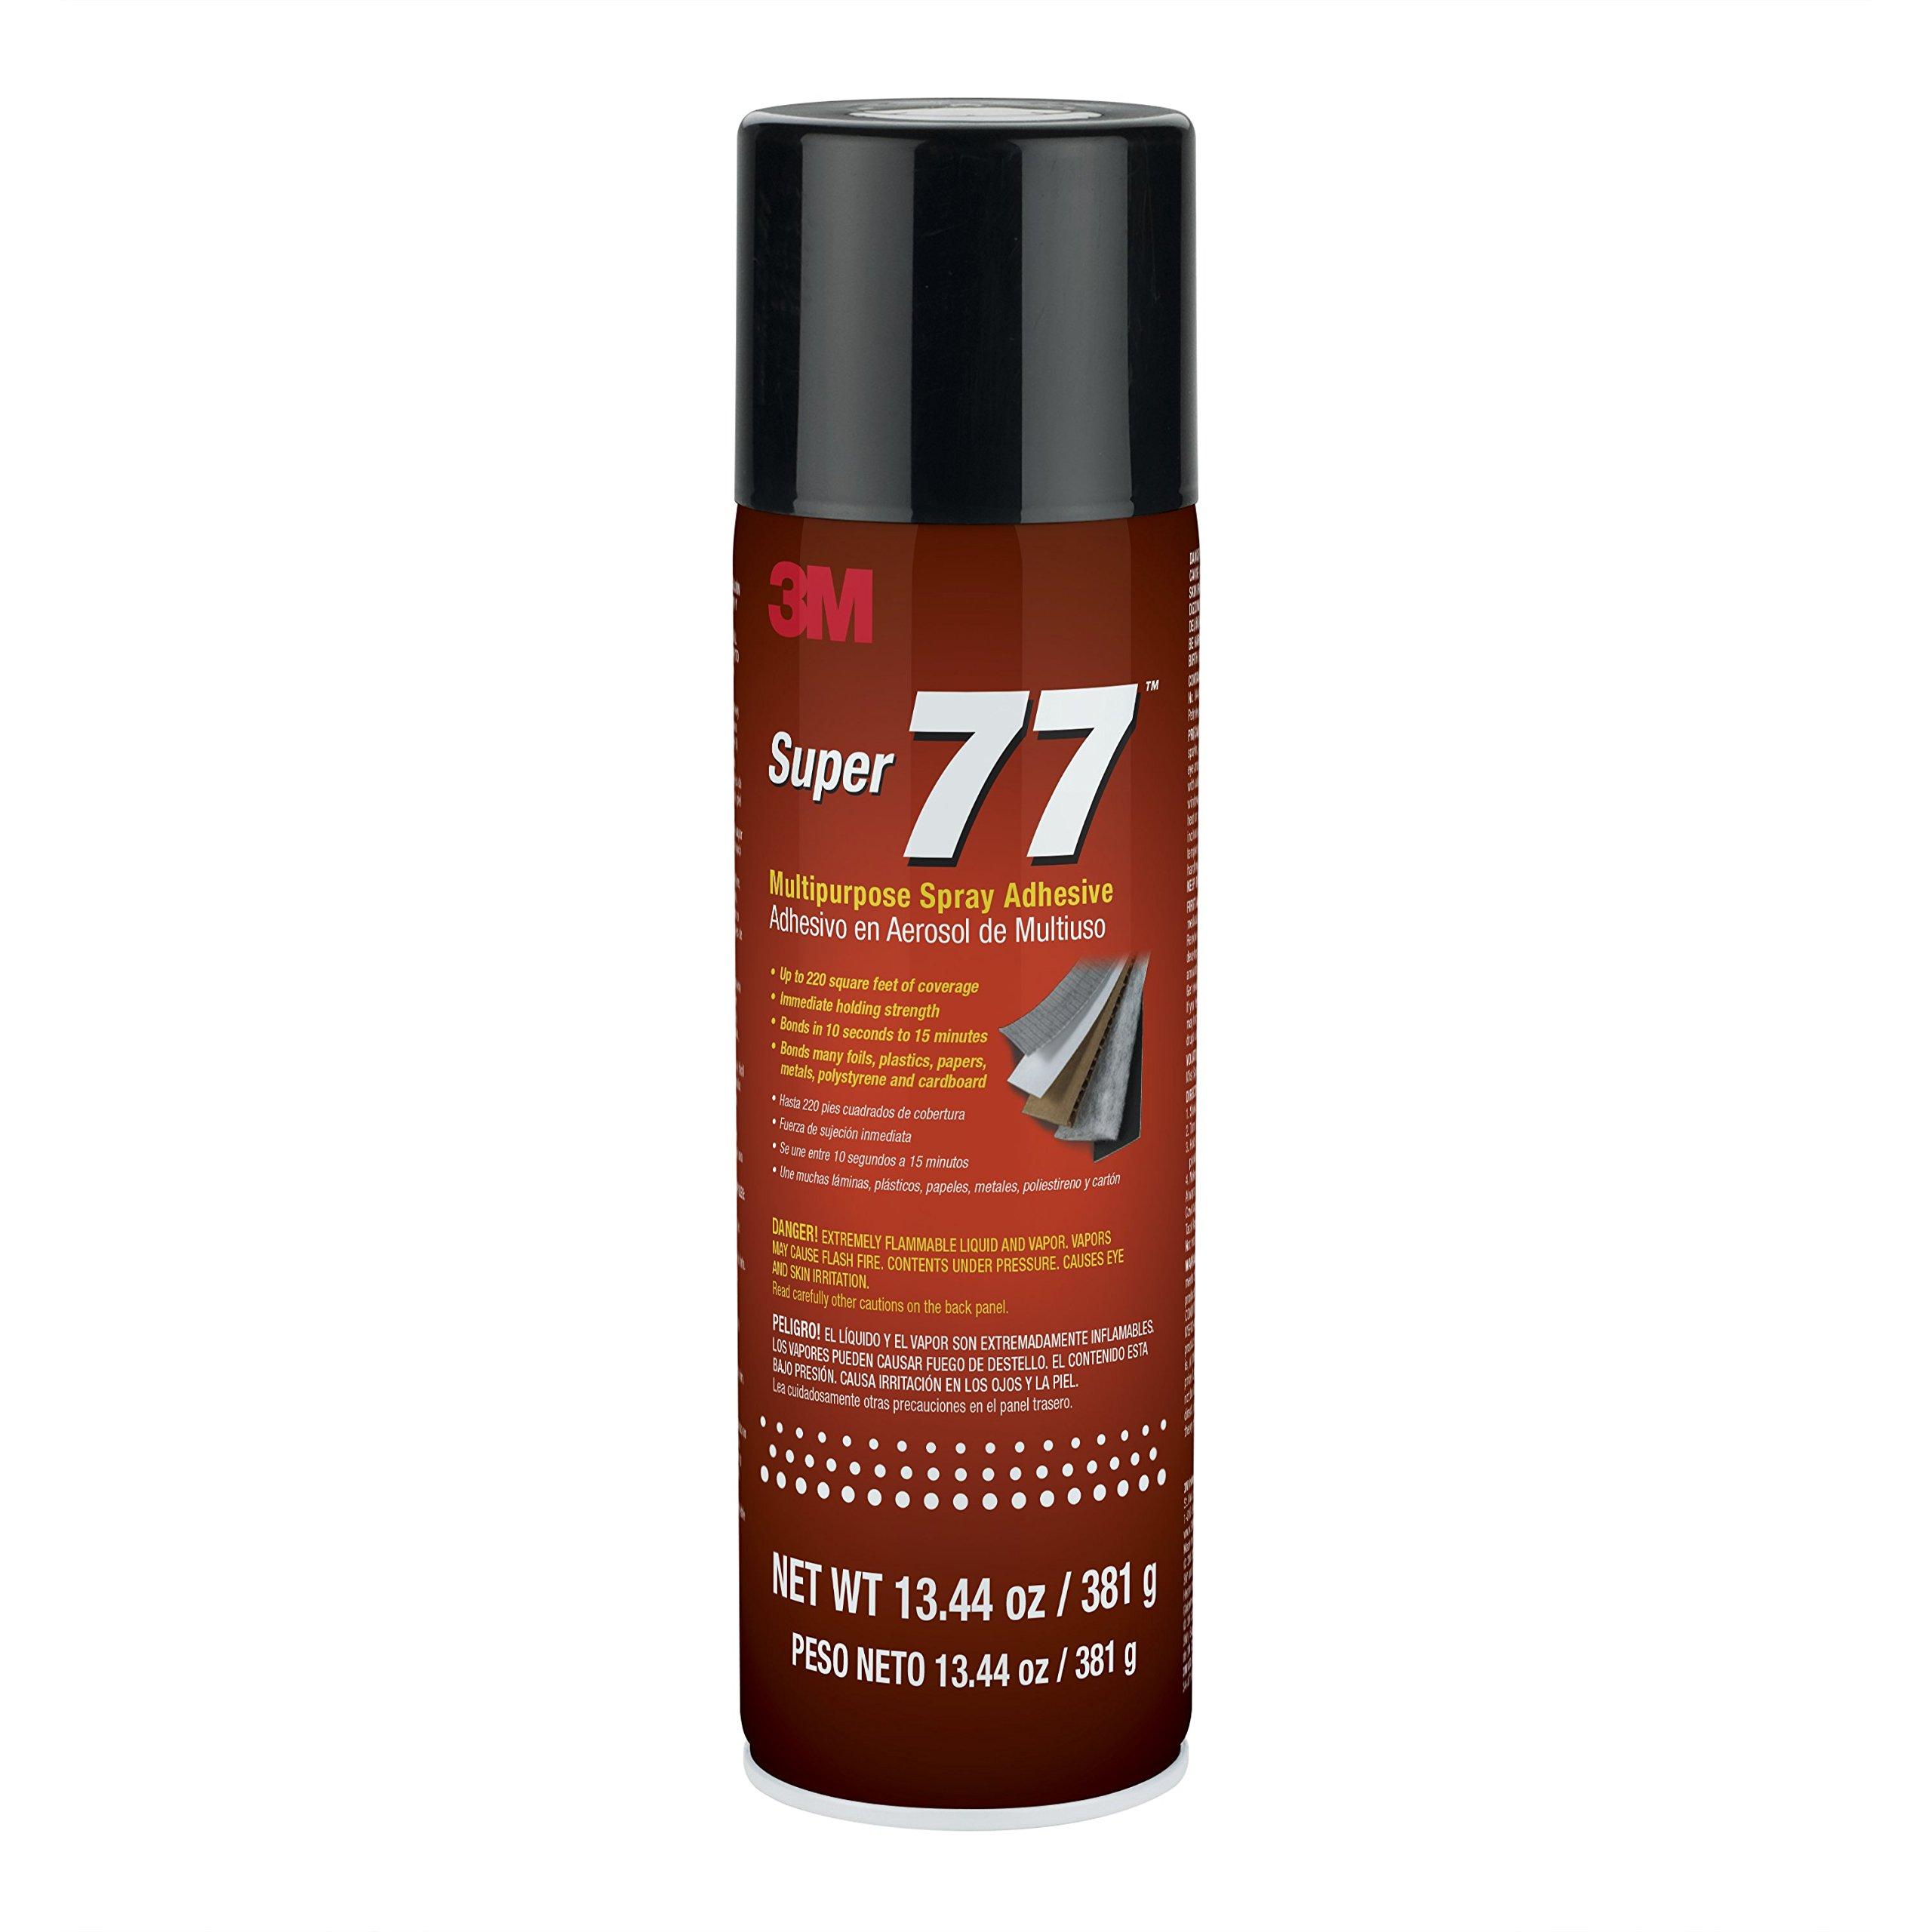 3M 86234 Super 77 Multipurpose Spray Adhesive, 13.44 fl. oz.